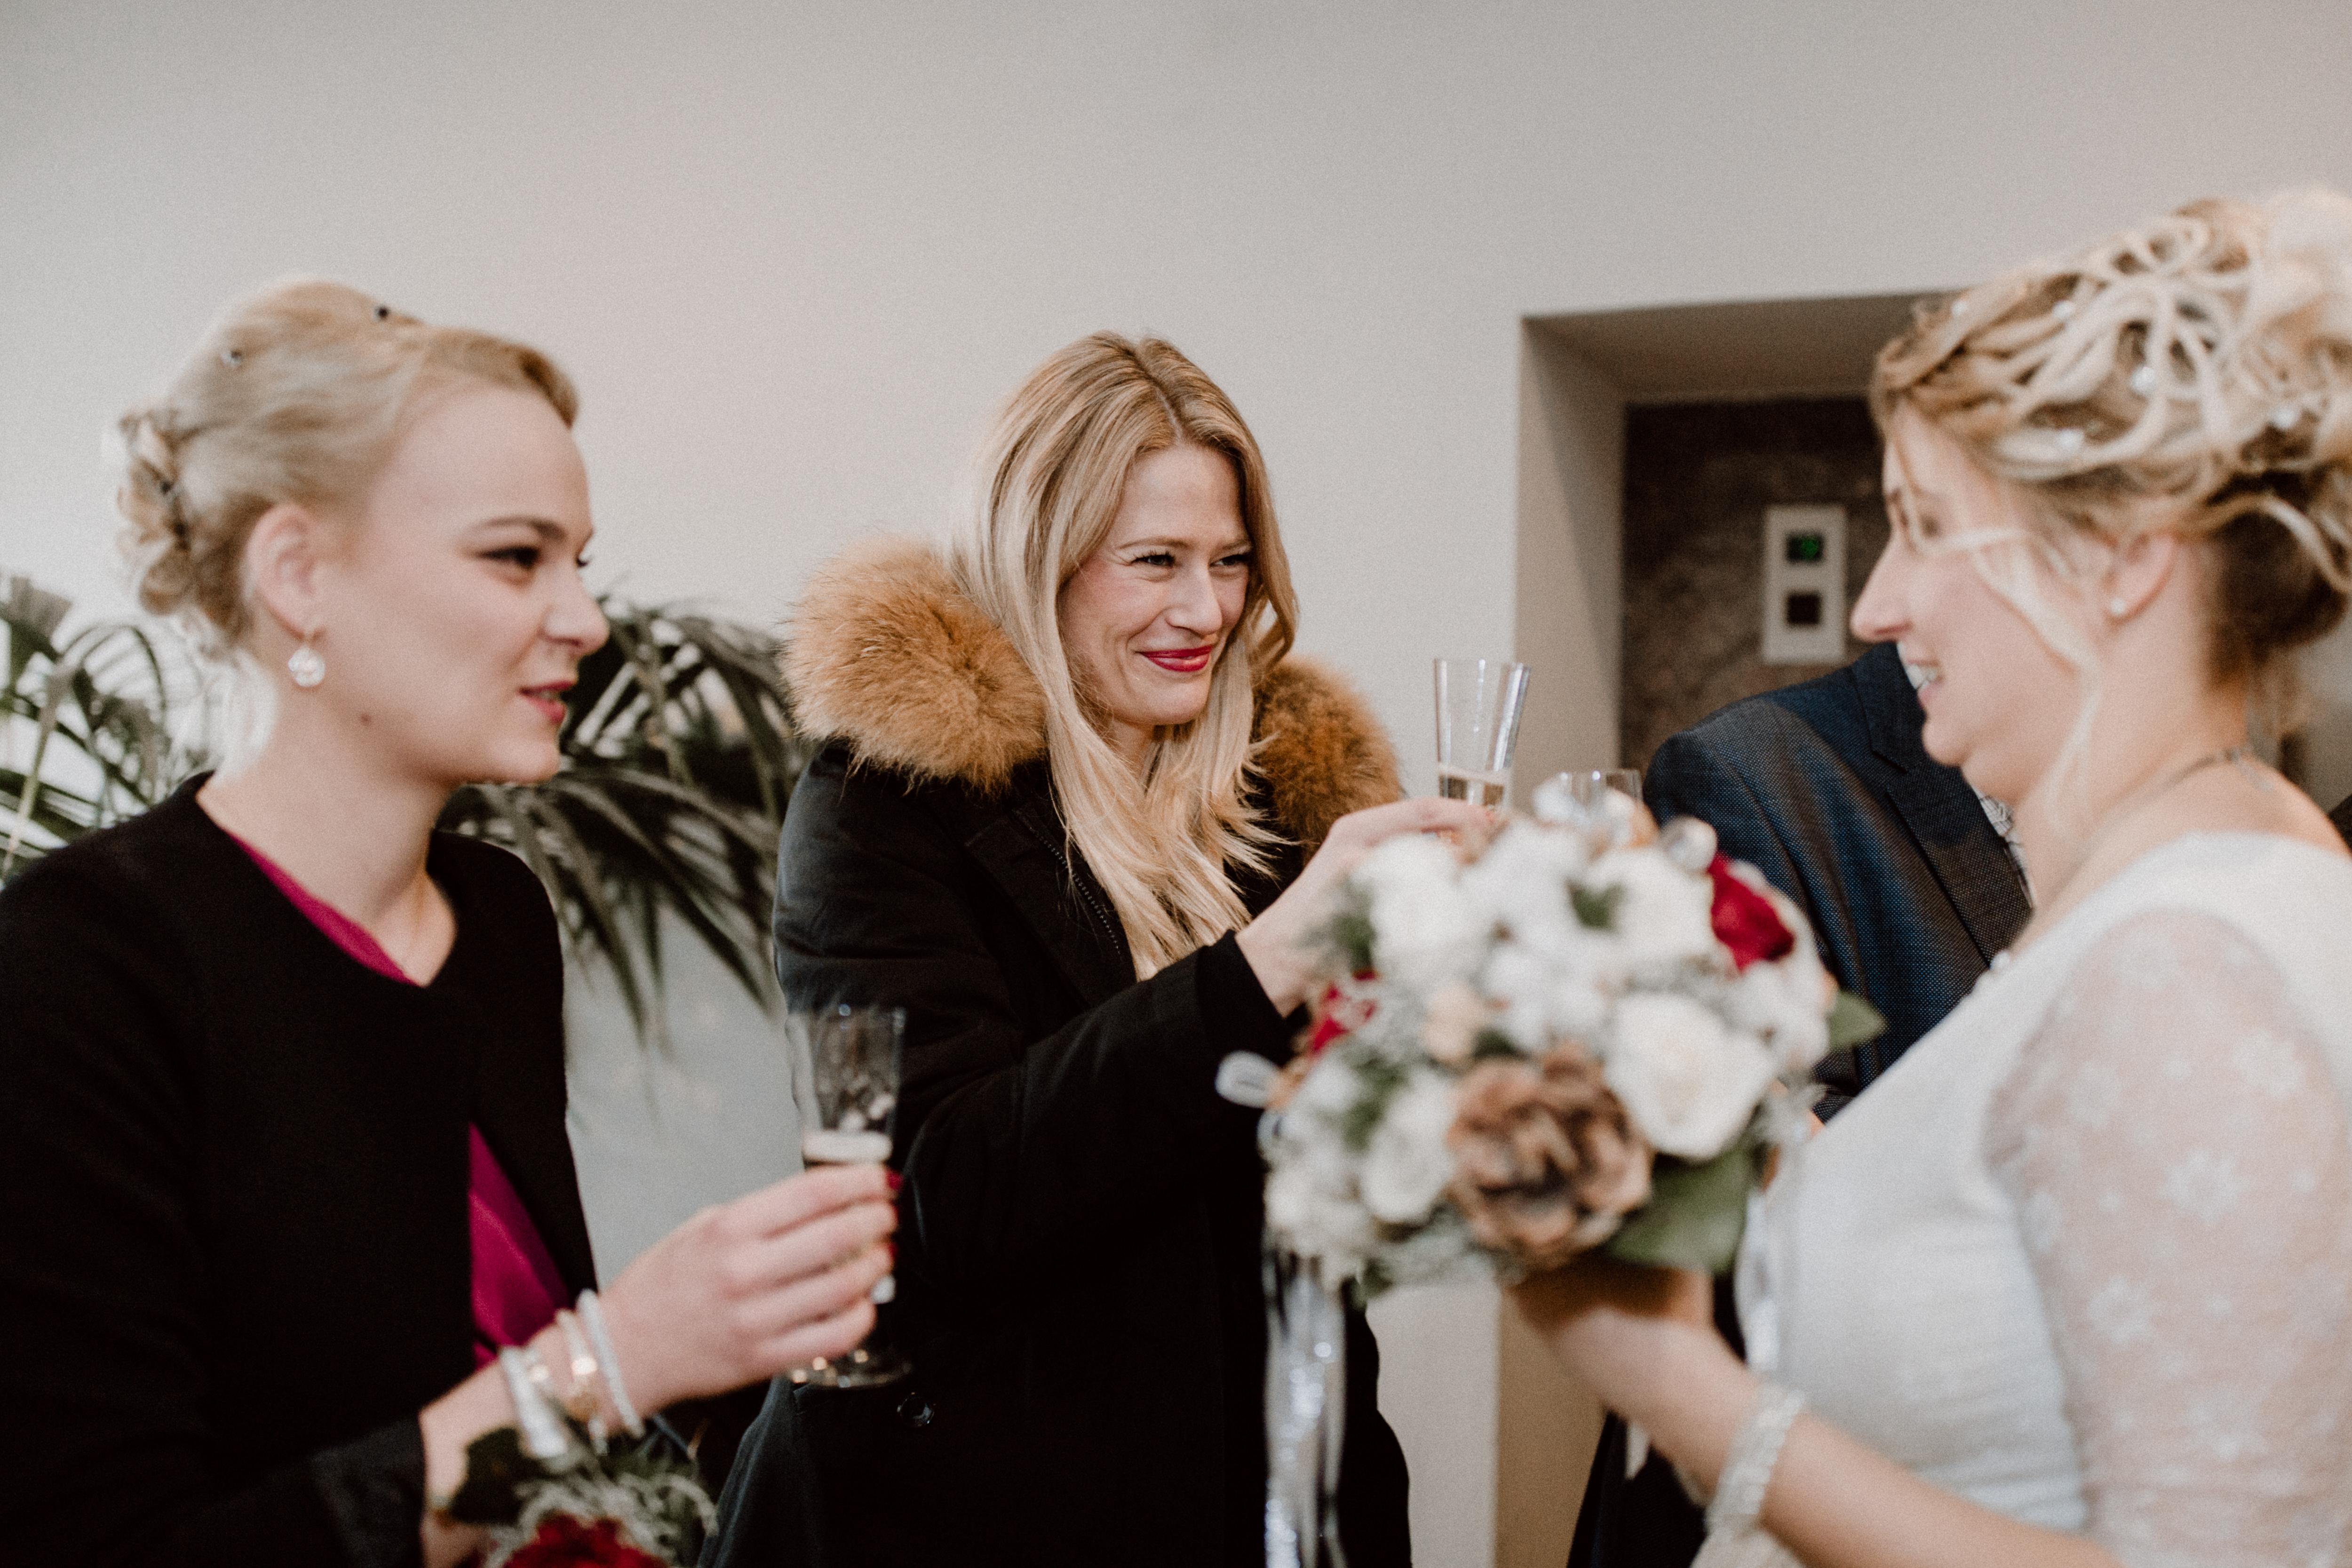 URBANERIE_Daniela_Goth_Hochzeitsfotografin_Nürnberg_Fürth_Erlangen_Schwabach_171110_0273